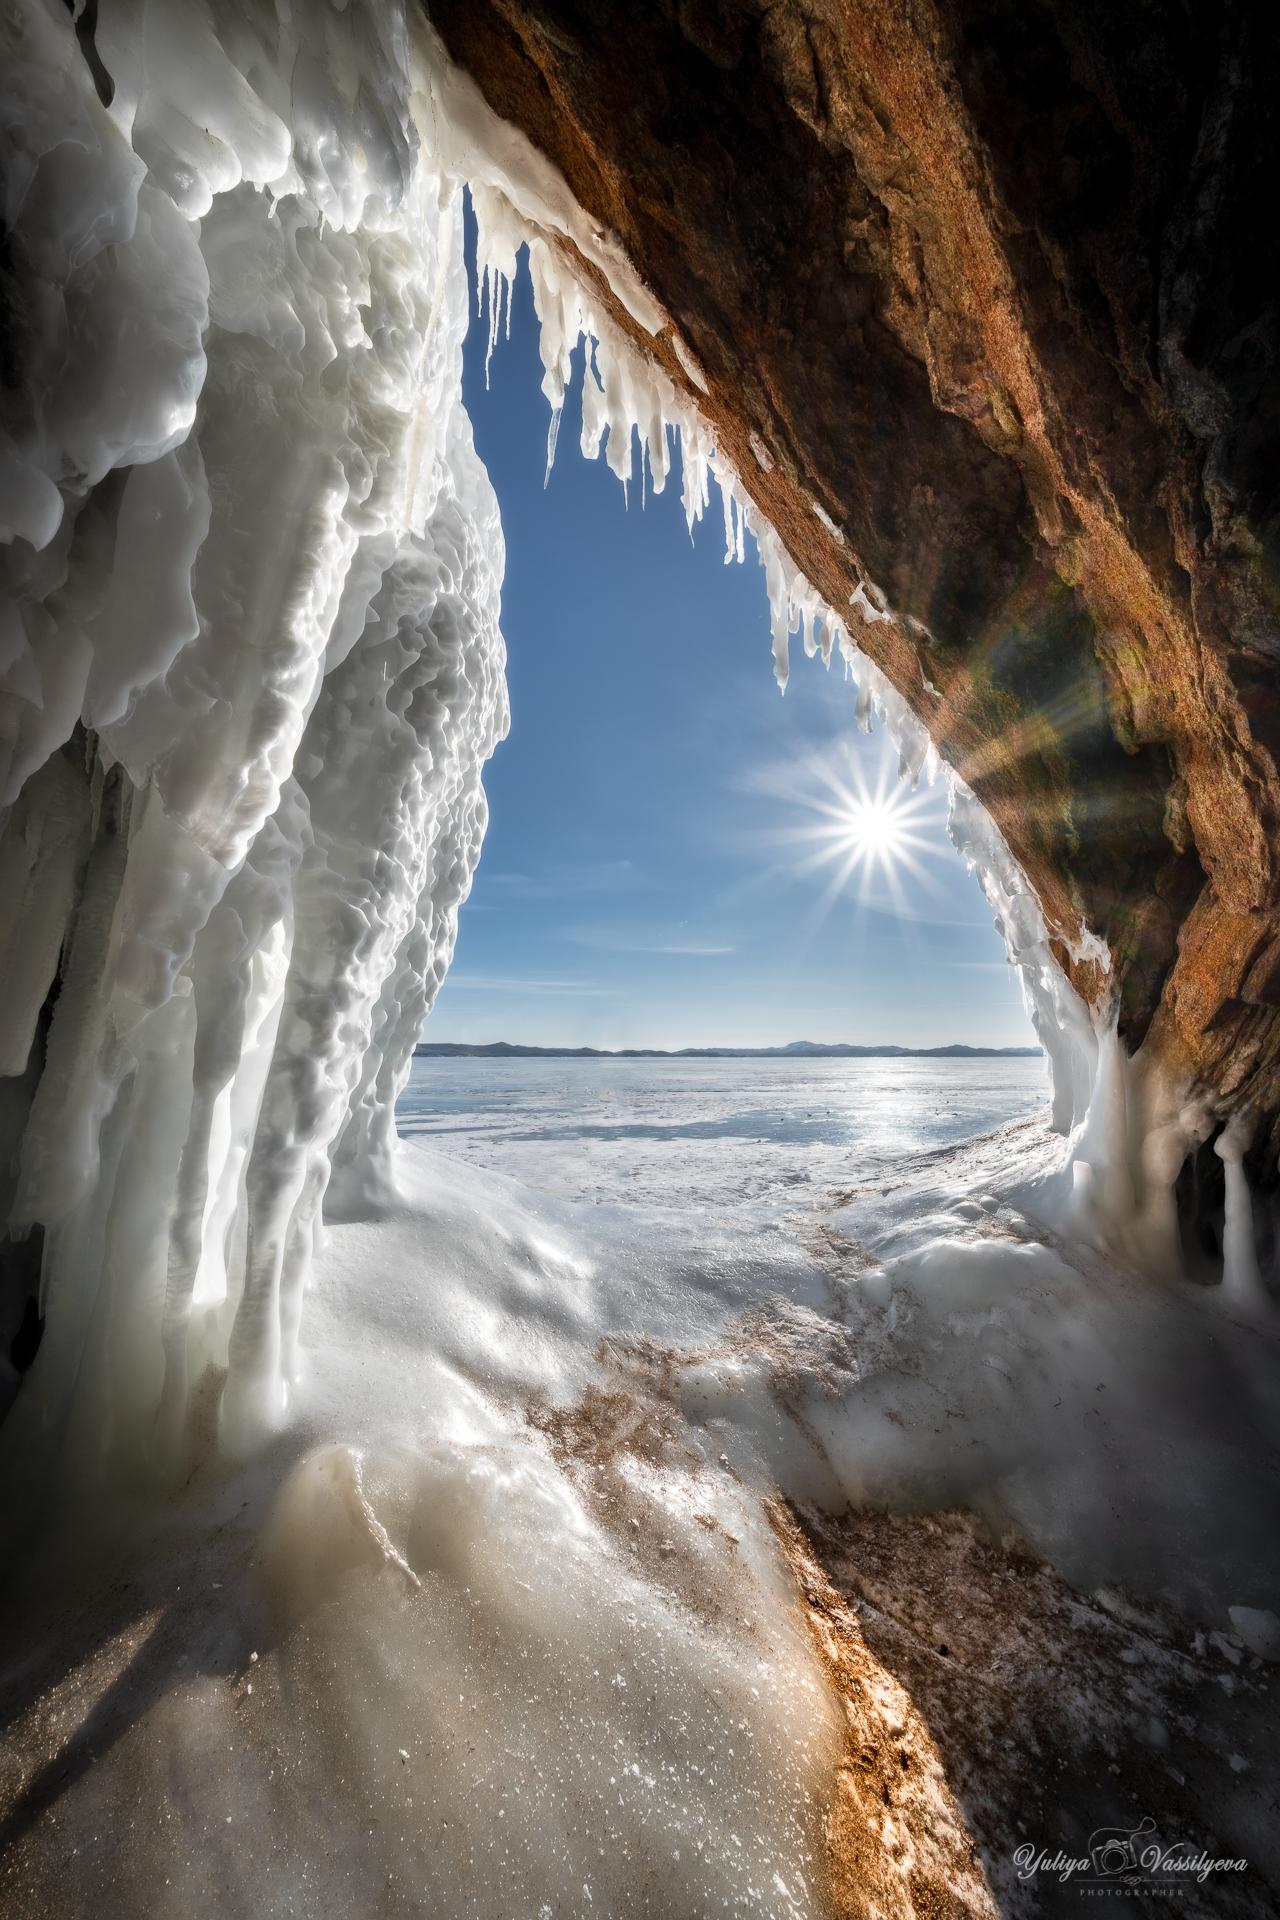 Nella grotta del ghiaccio...